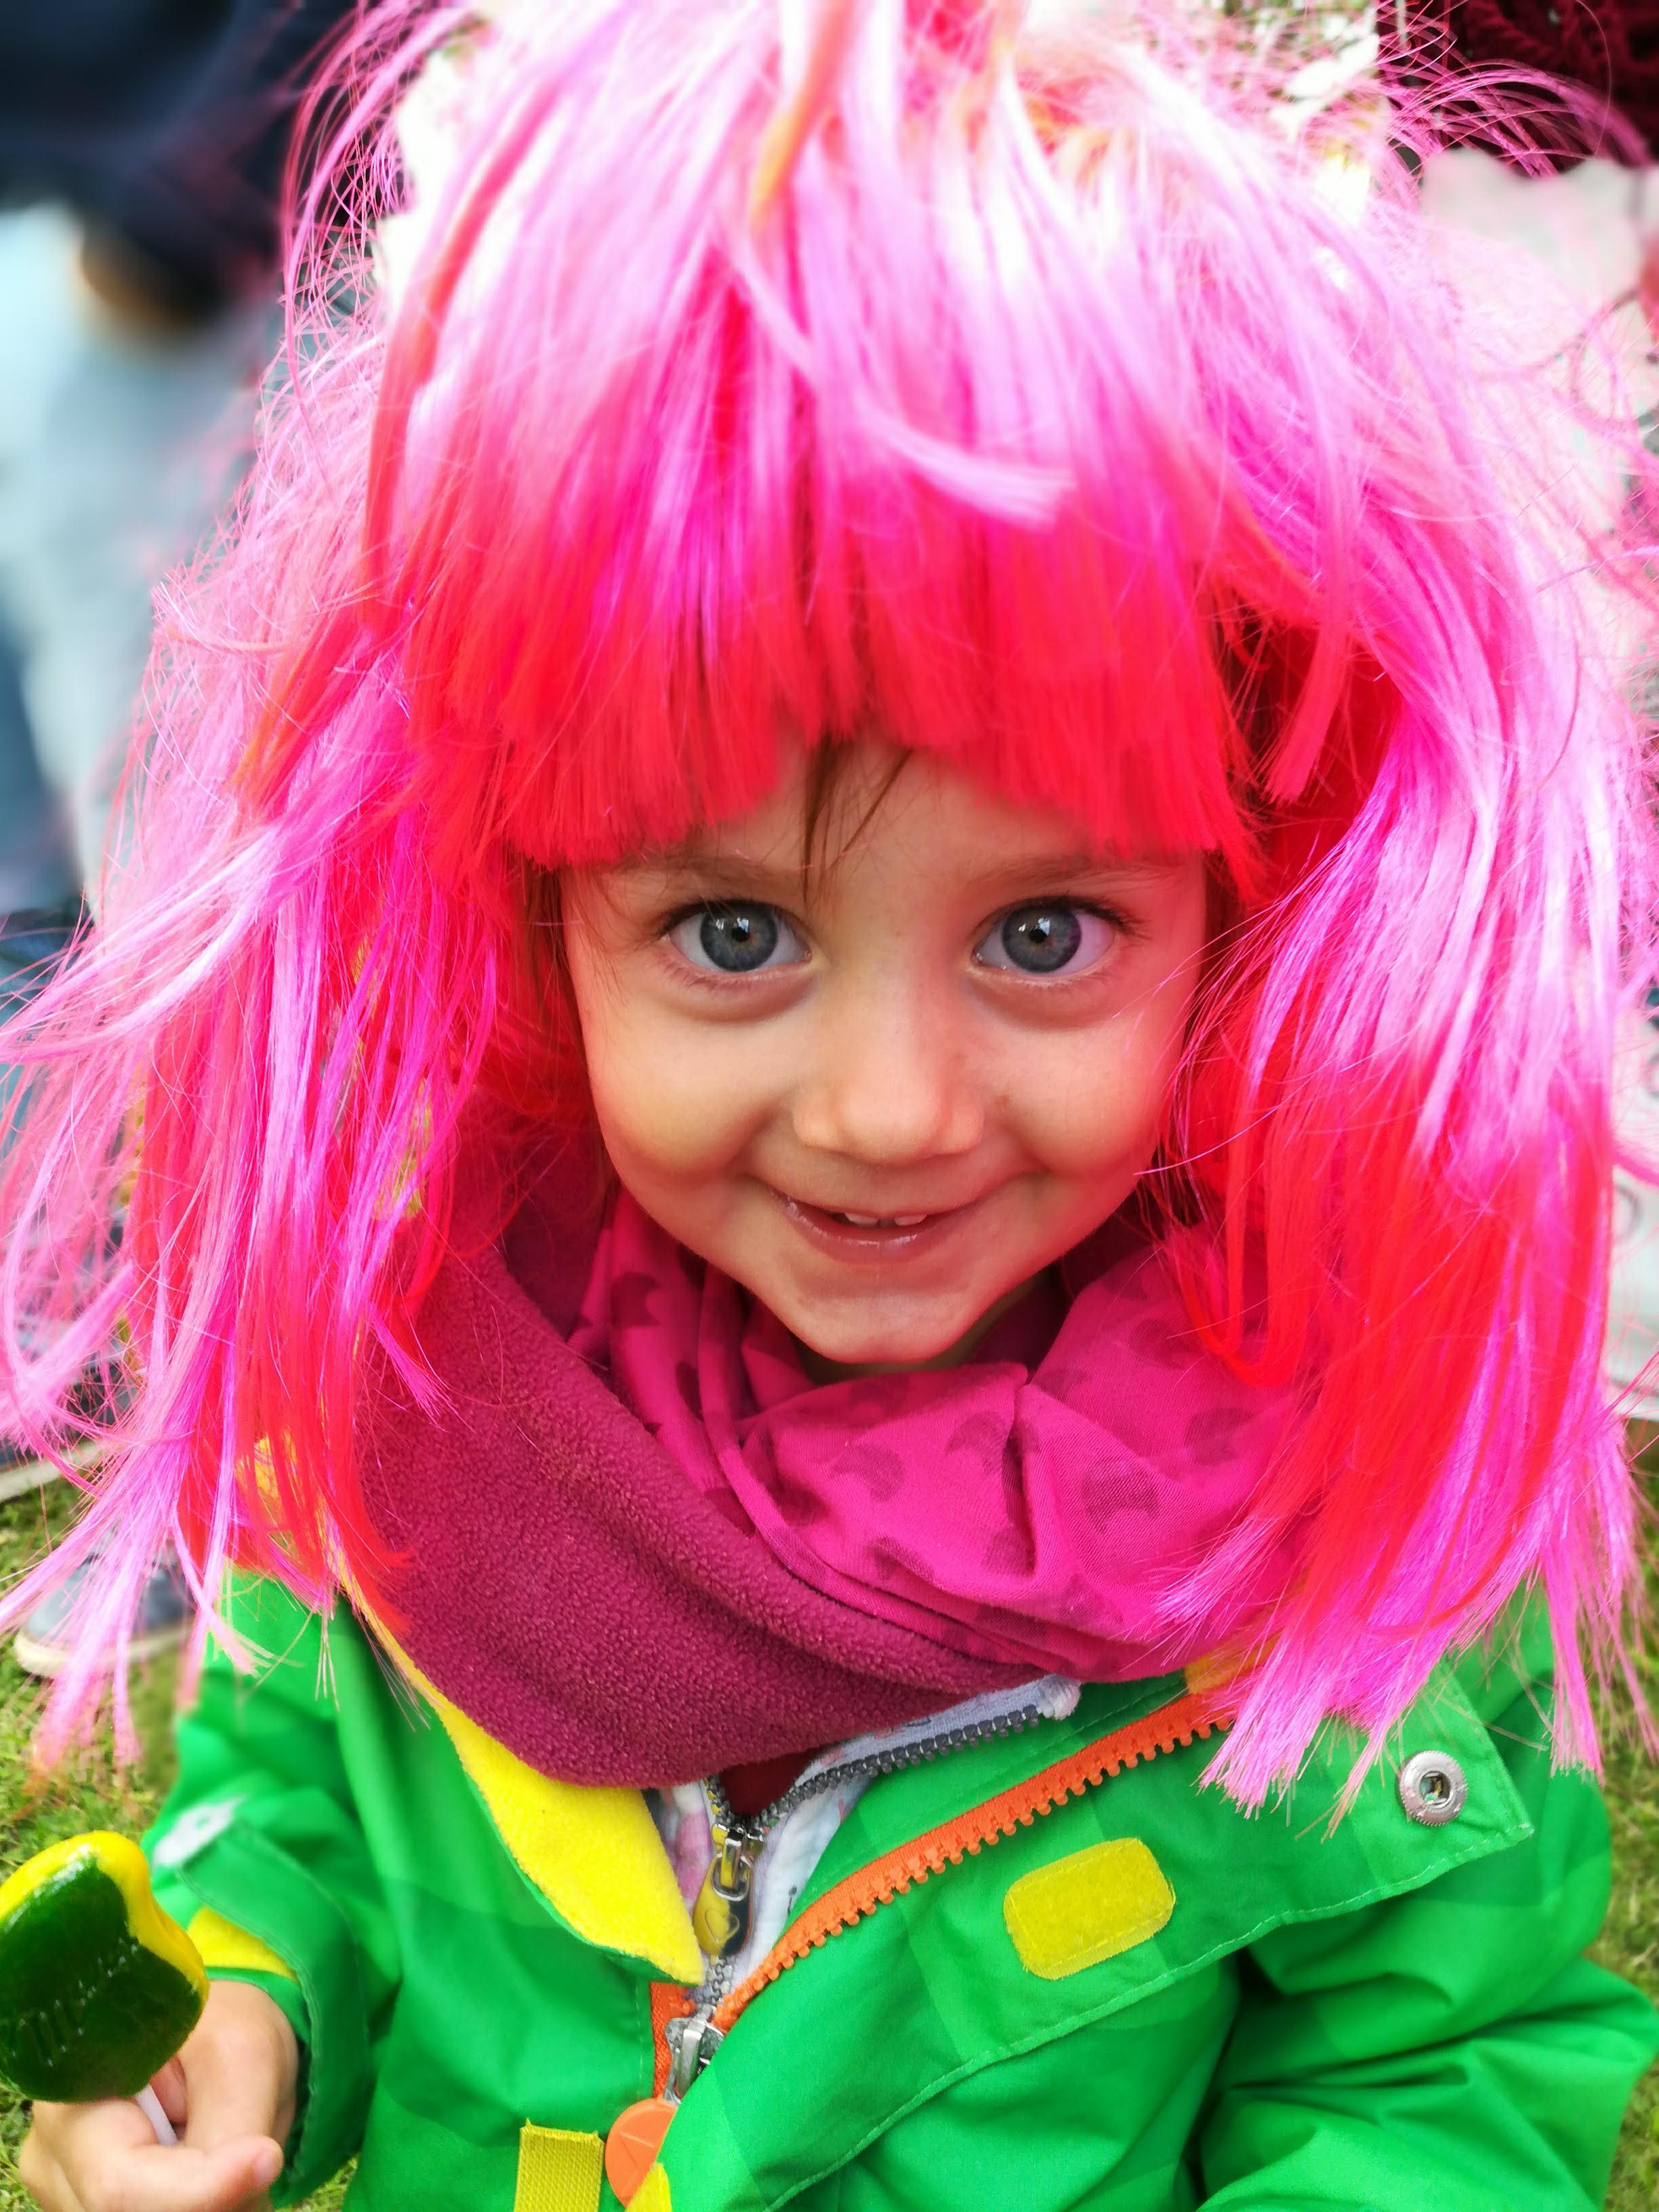 Chcete, aby vaše děti byly šťastné? 12 kroků, které pro to můžete udělat hned teď.